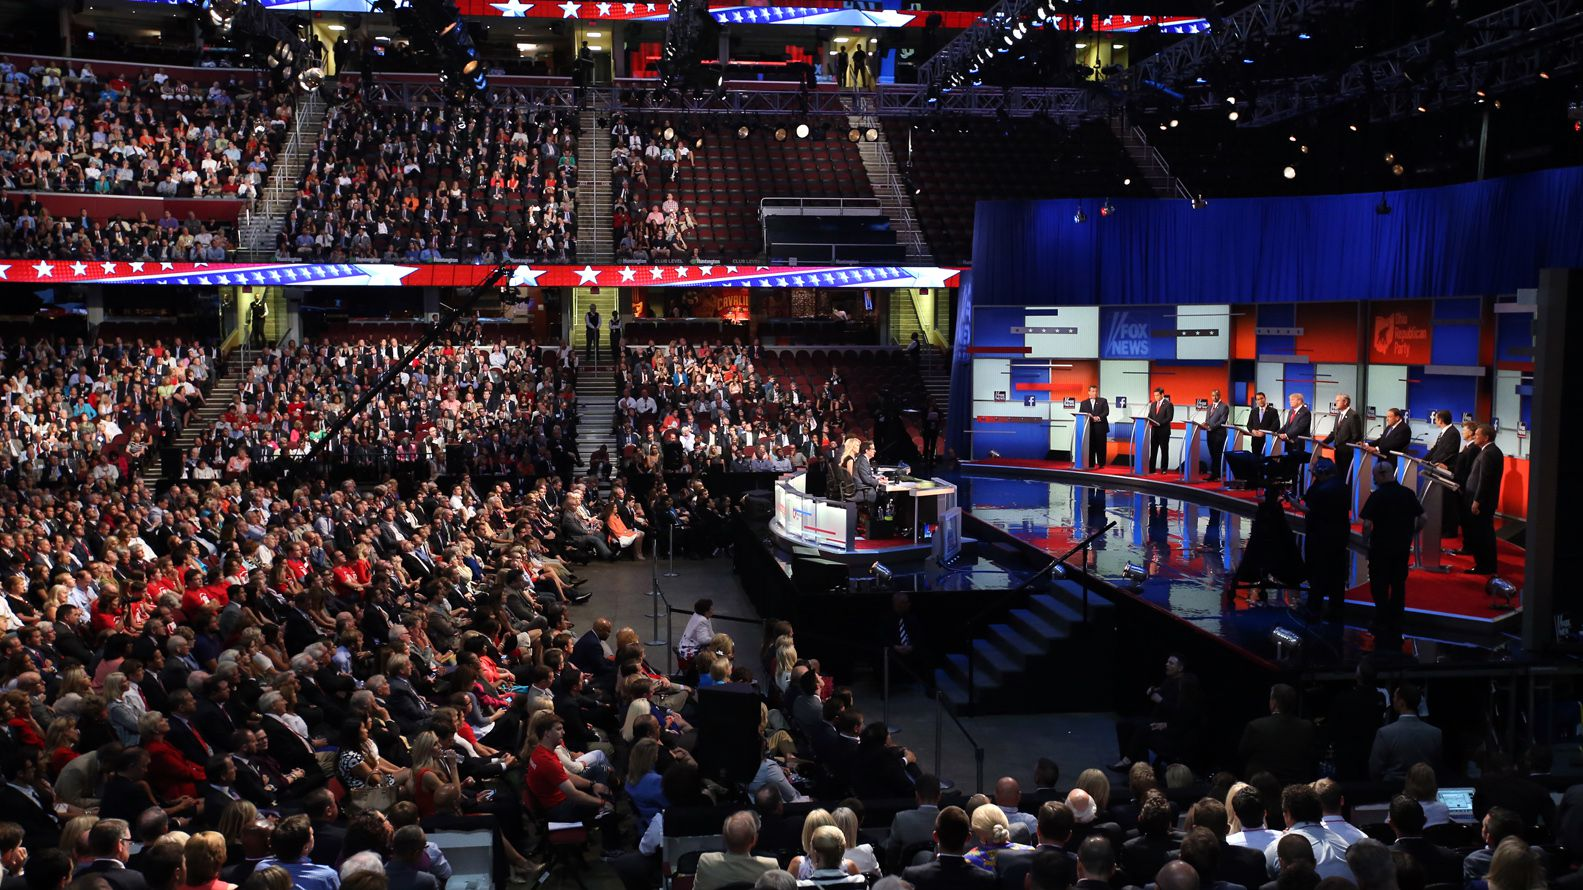 El último debate de la interna republicana en Cleveland Ohio. En ciudad se realizará este martes el enfrentamiento verbal entre Trump y Biden, pero sin público.